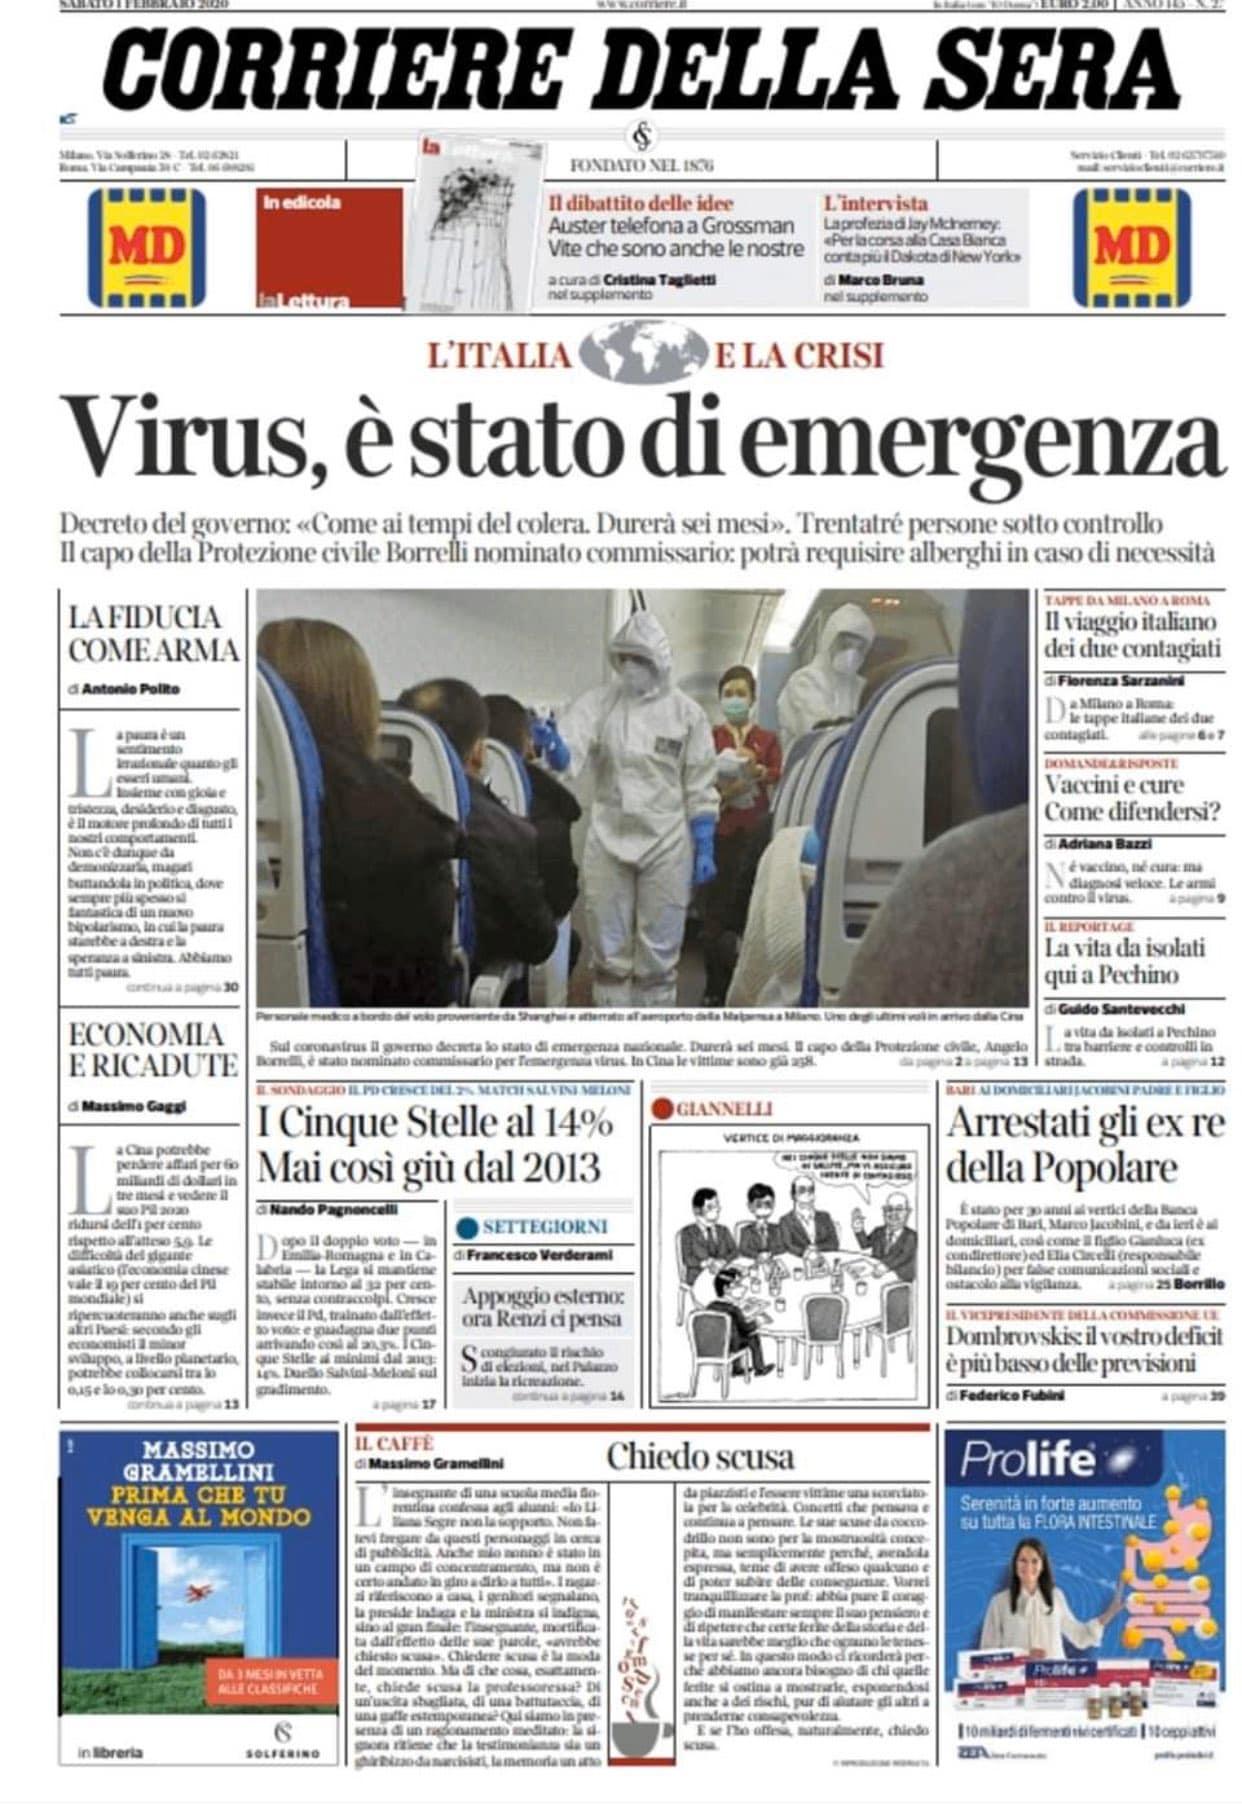 giornale 31 luglio fine dell'emergenza 1